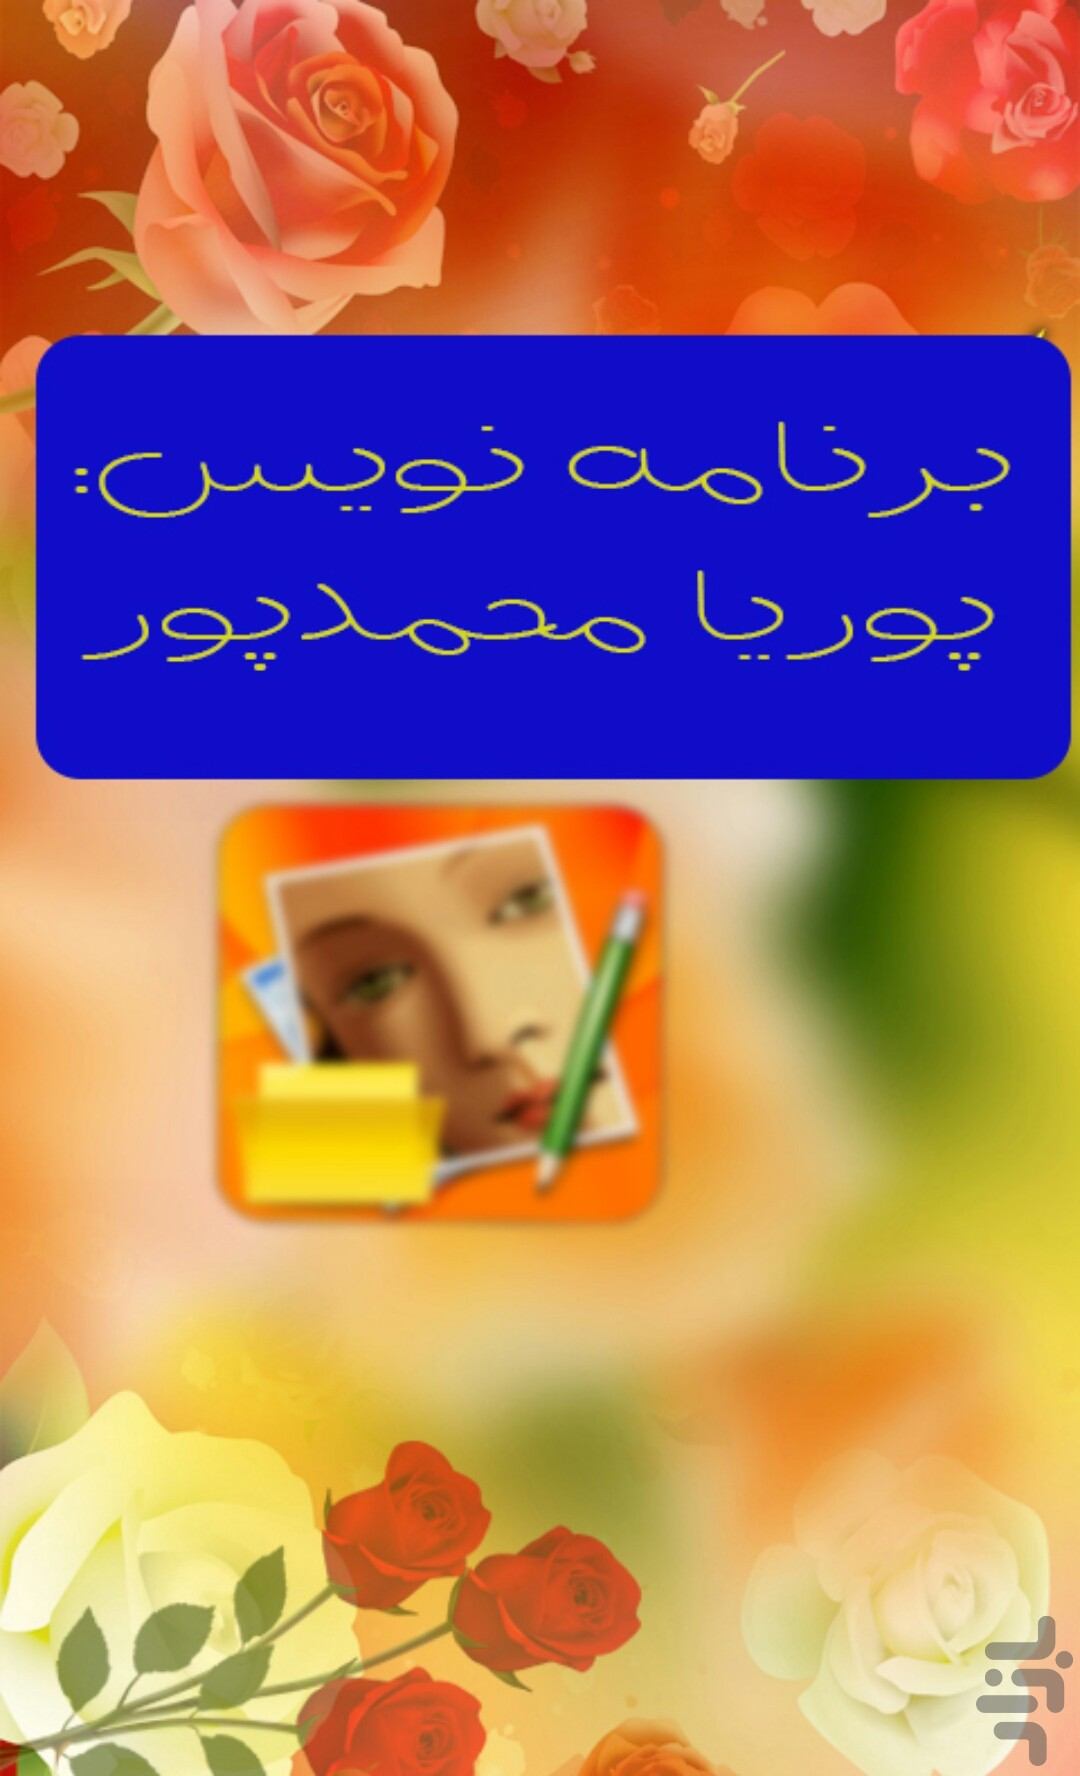 عکس نوشته ساز